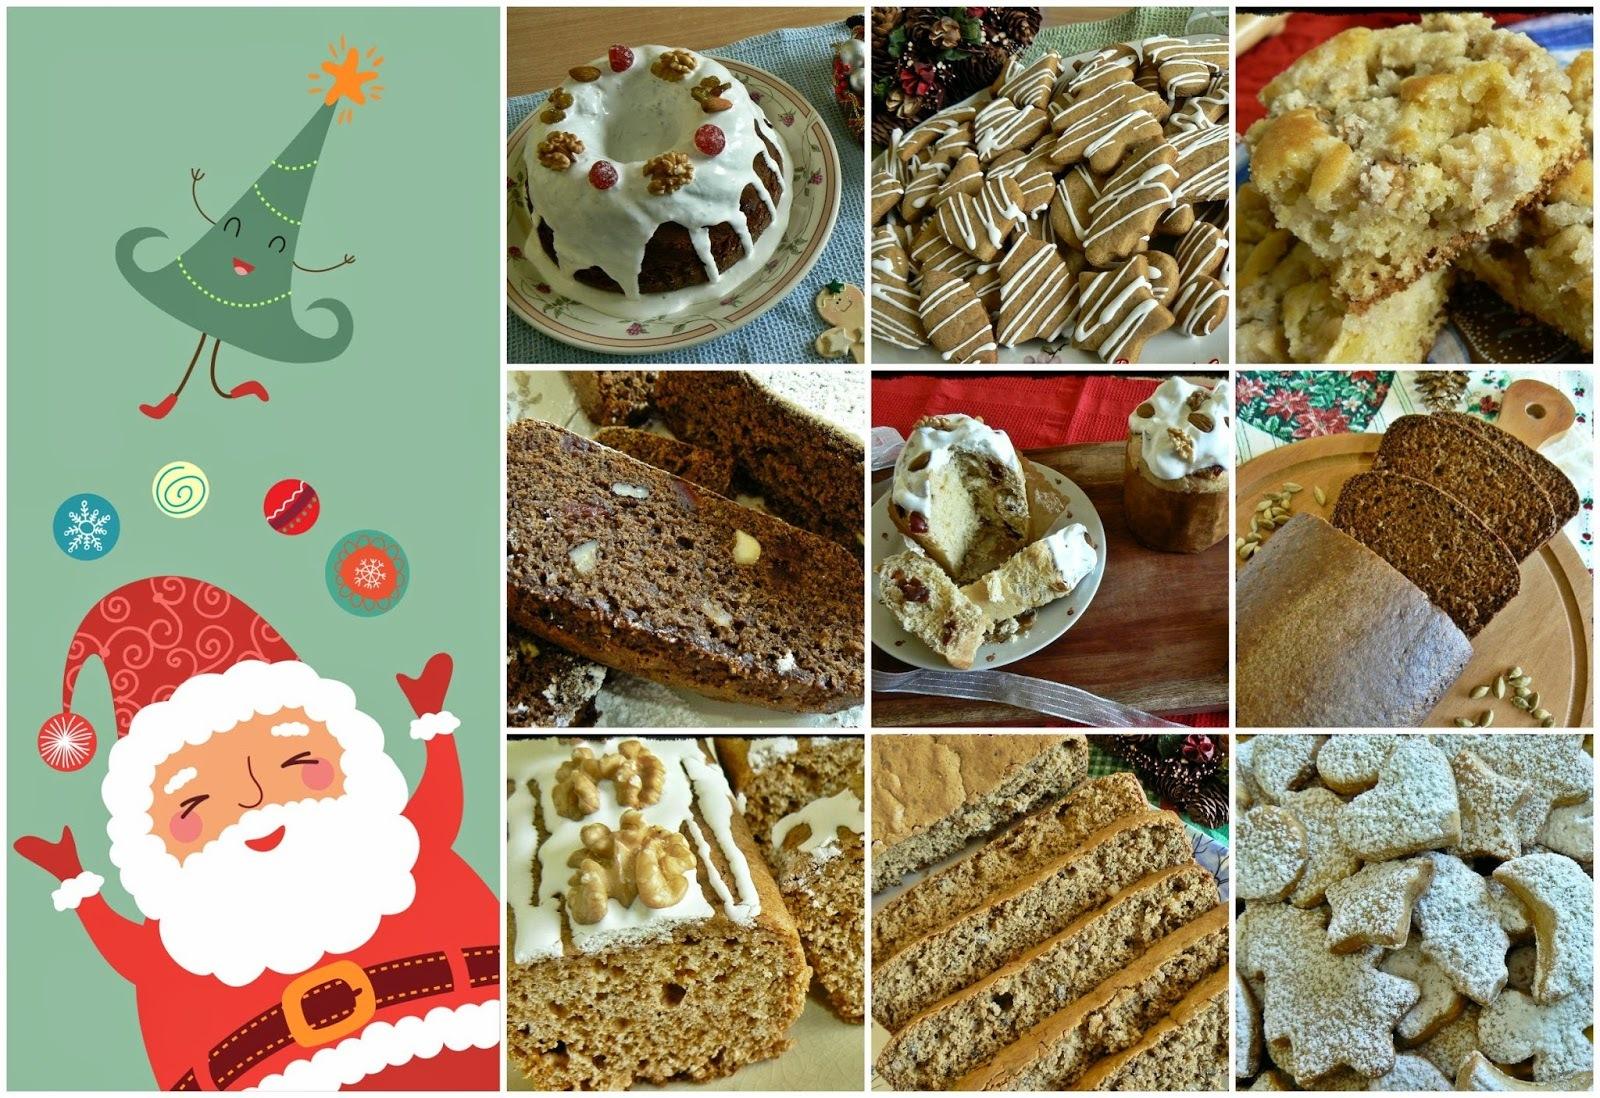 Receta de Navidad. Empezamos con algunas ideas para ir calentando hornallas